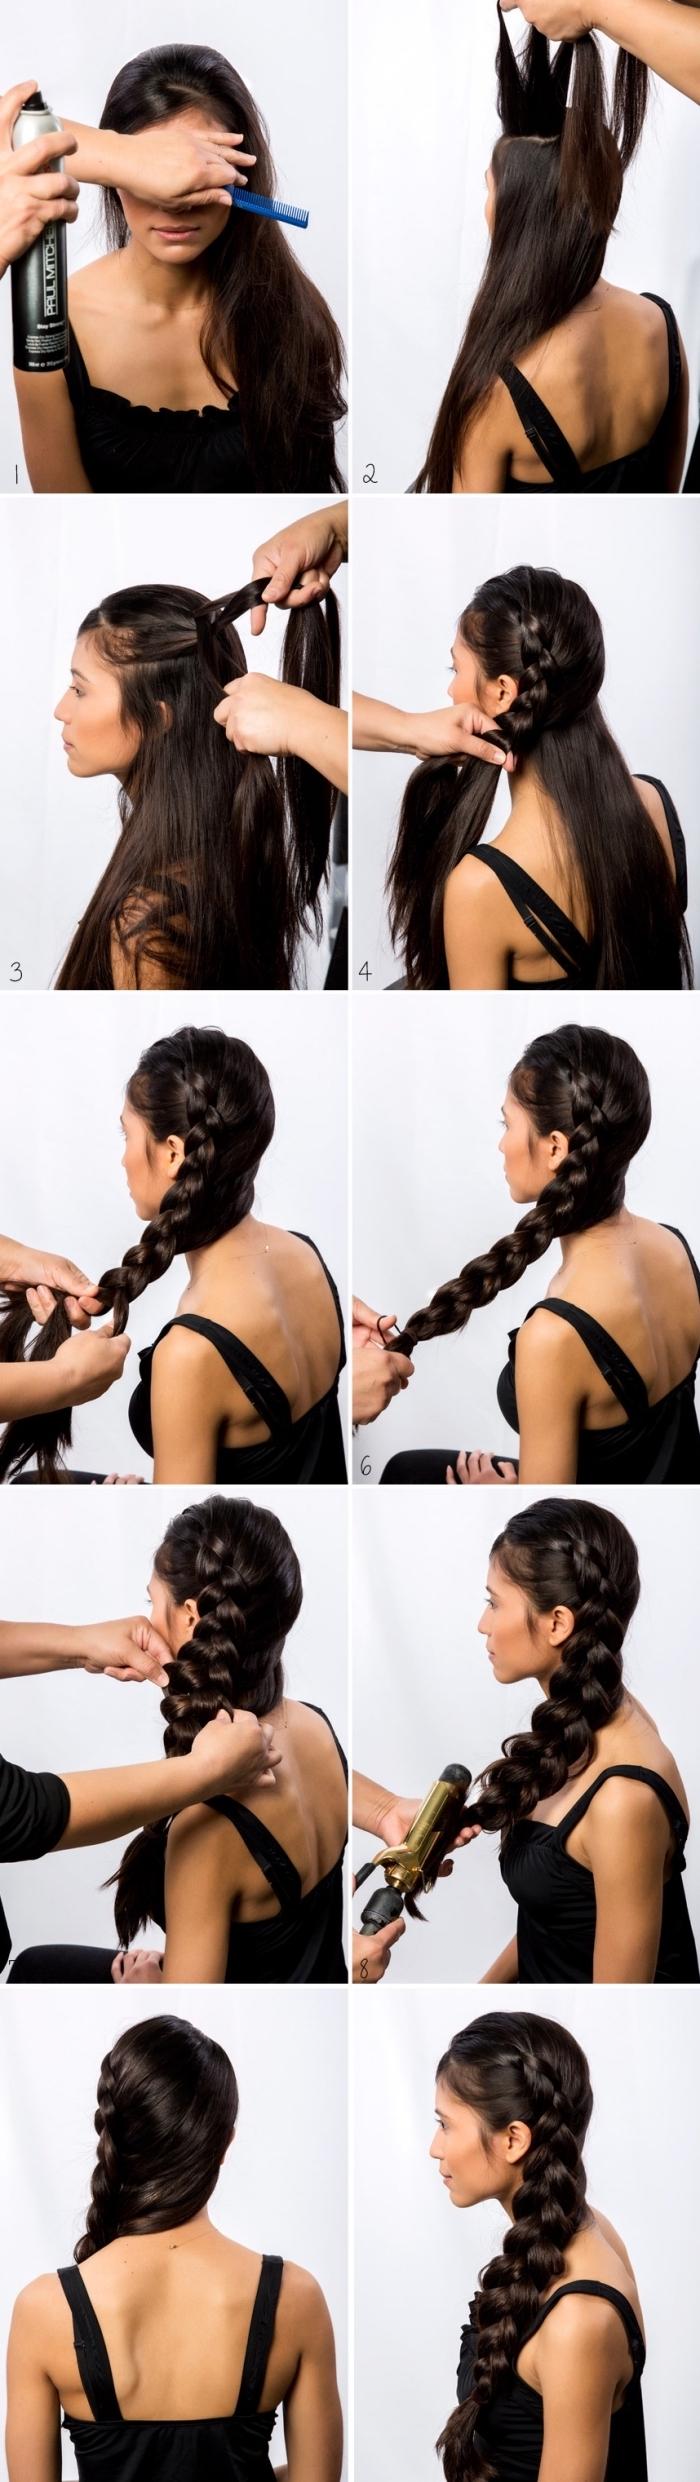 tutoriel pour faire une coiffure facile sur cheveux volumineux longs, exemple coiffure sur le coté avec grosse natte défaite